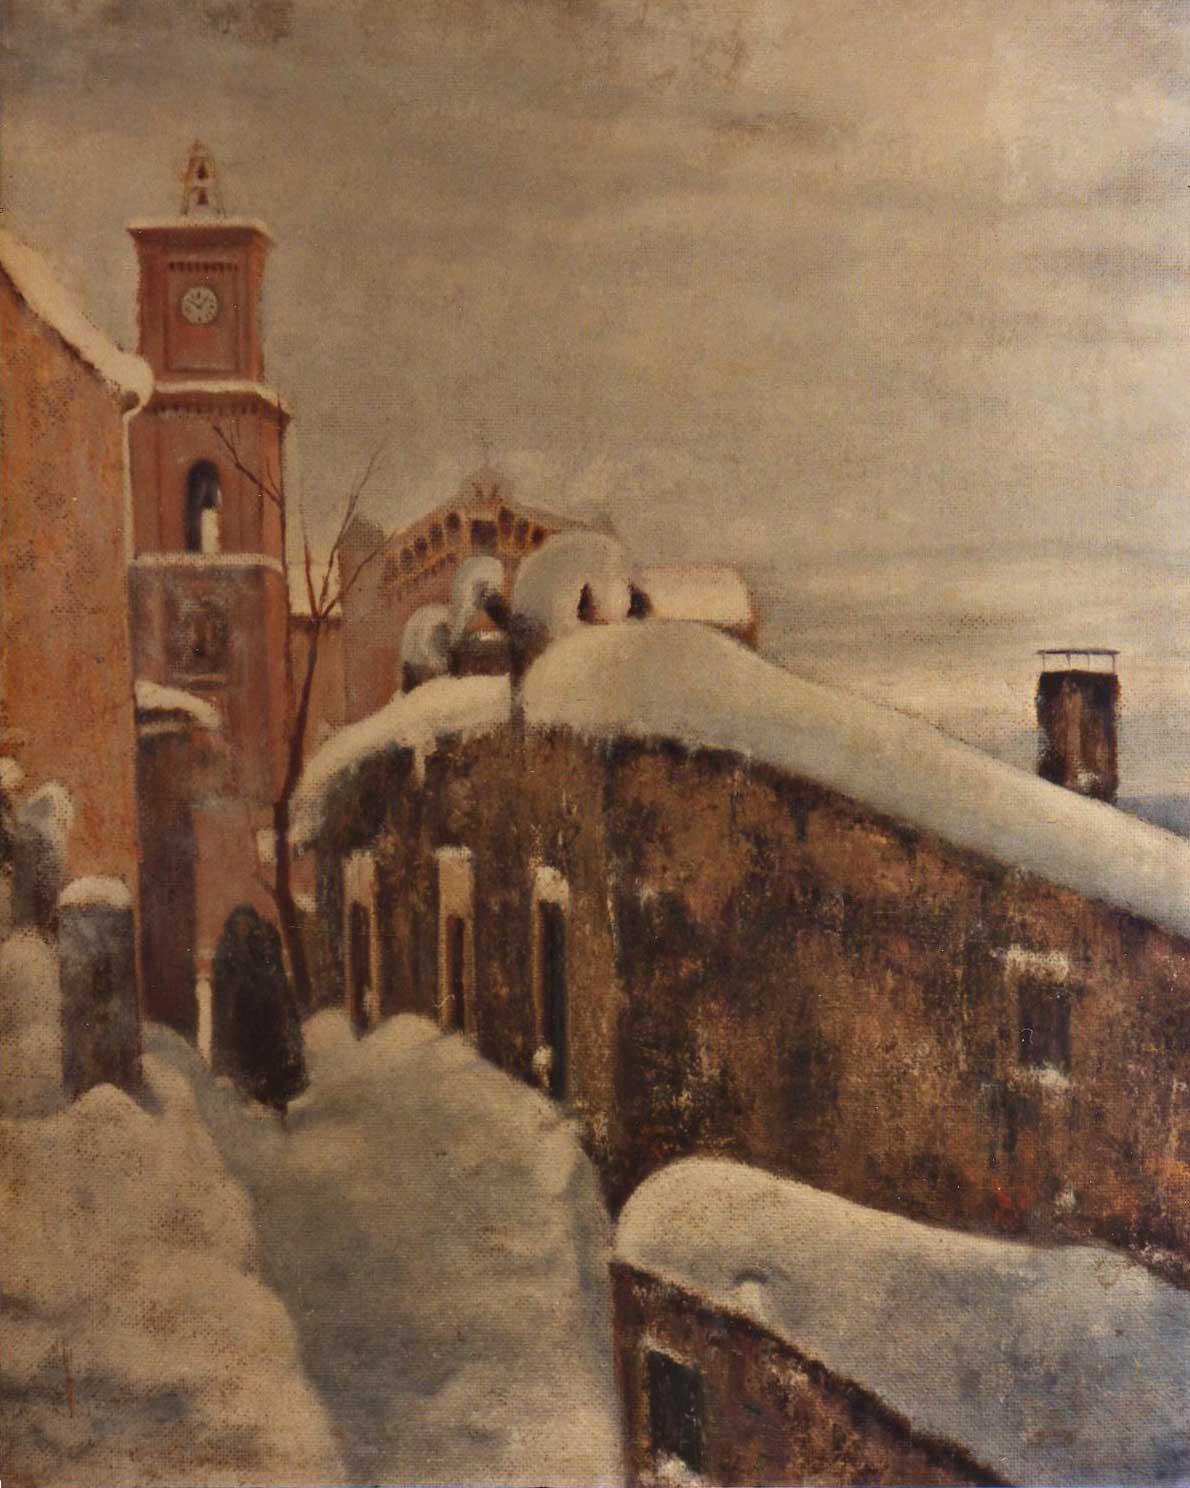 quadri scanno paesaggio inverno neve Sabbatino